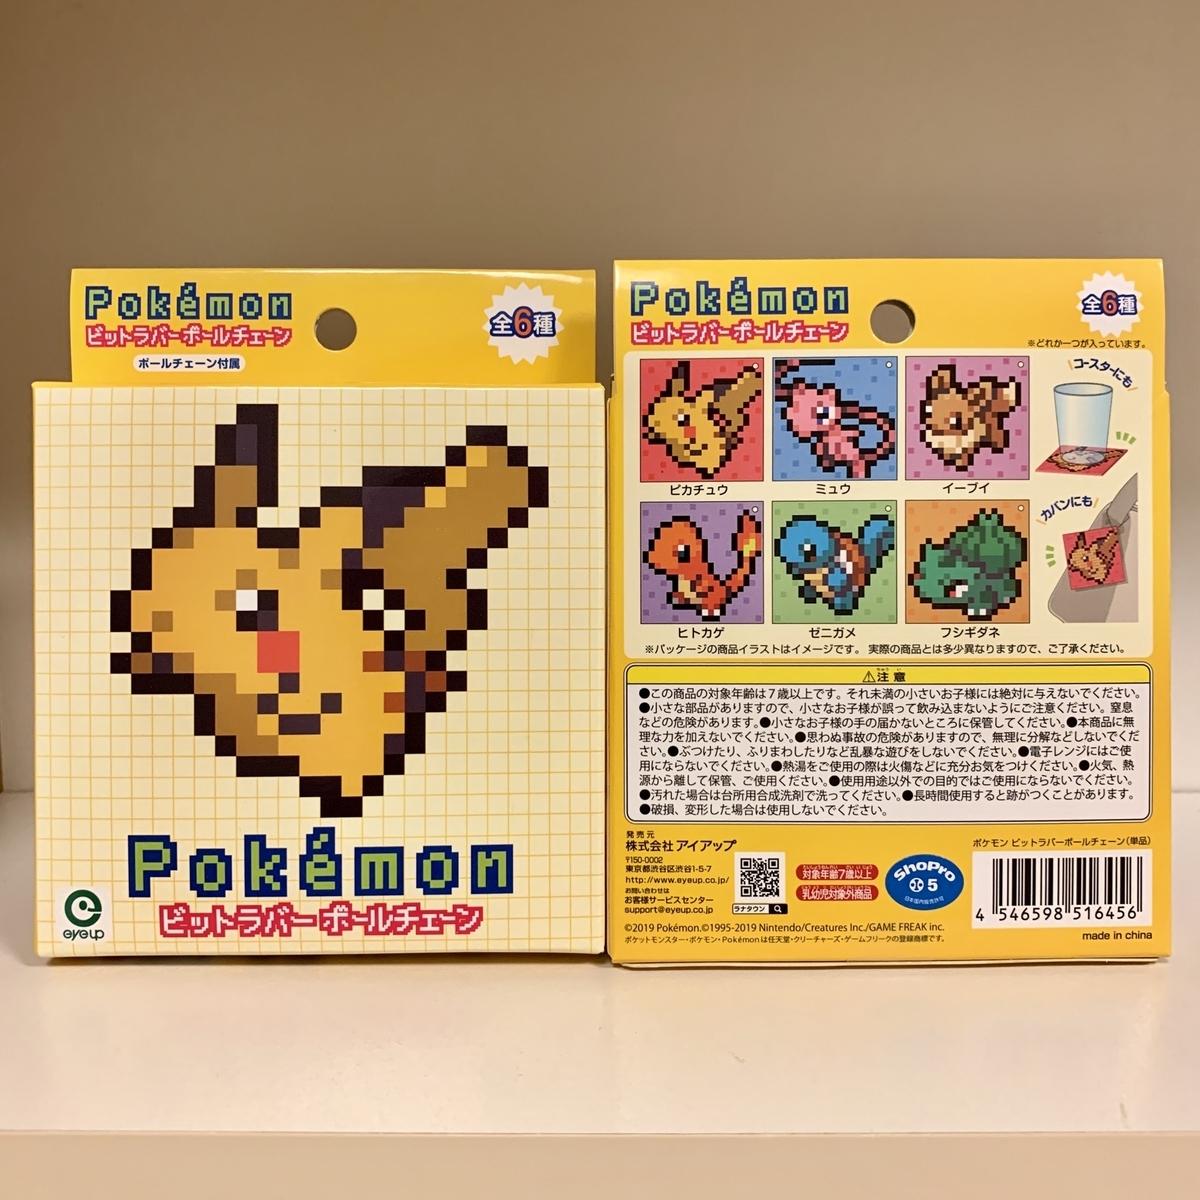 f:id:pikachu_pcn:20191225202215j:plain